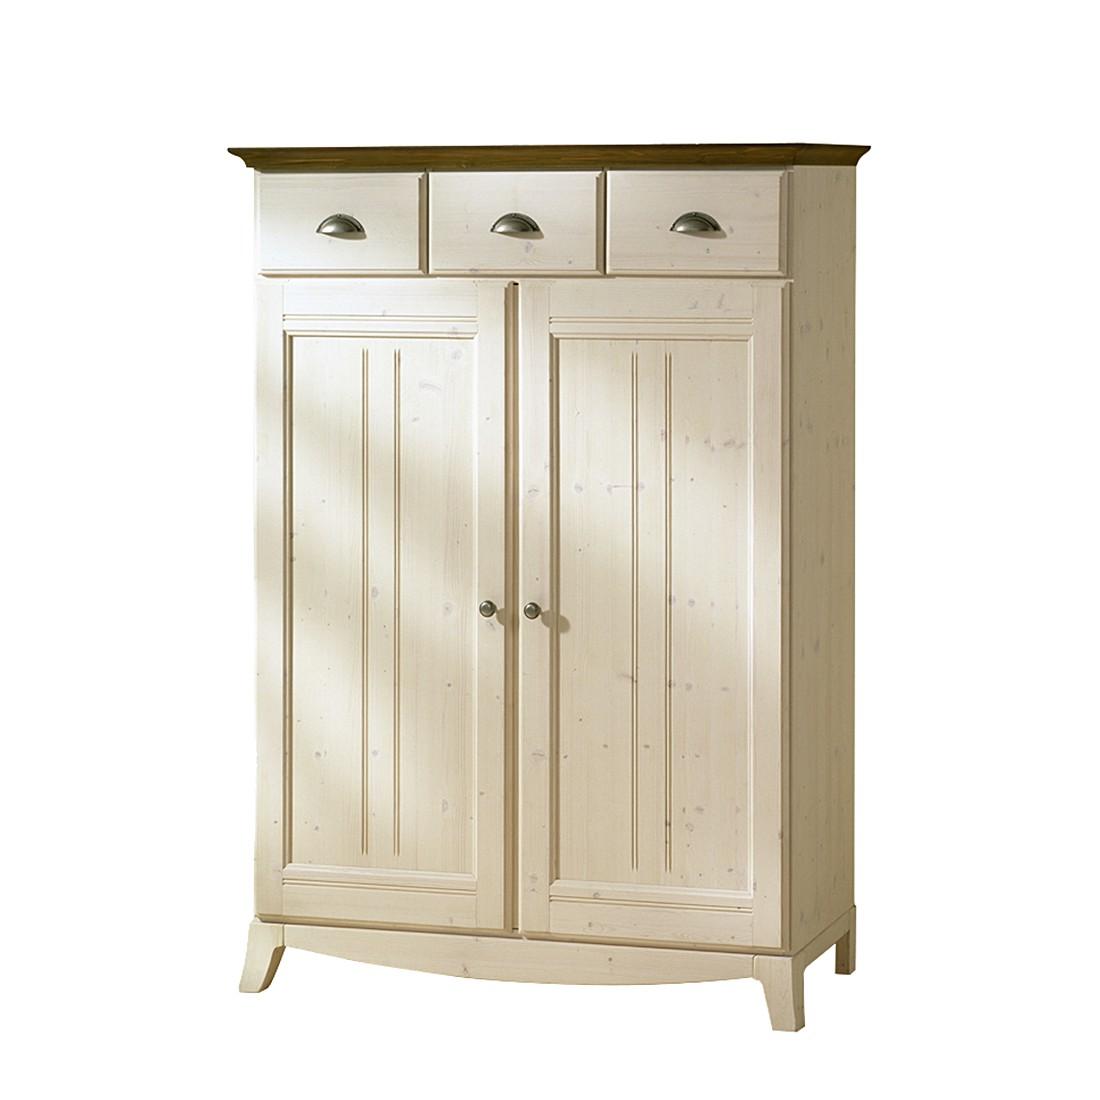 vertiko arabico fichte massivholz wei braun. Black Bedroom Furniture Sets. Home Design Ideas